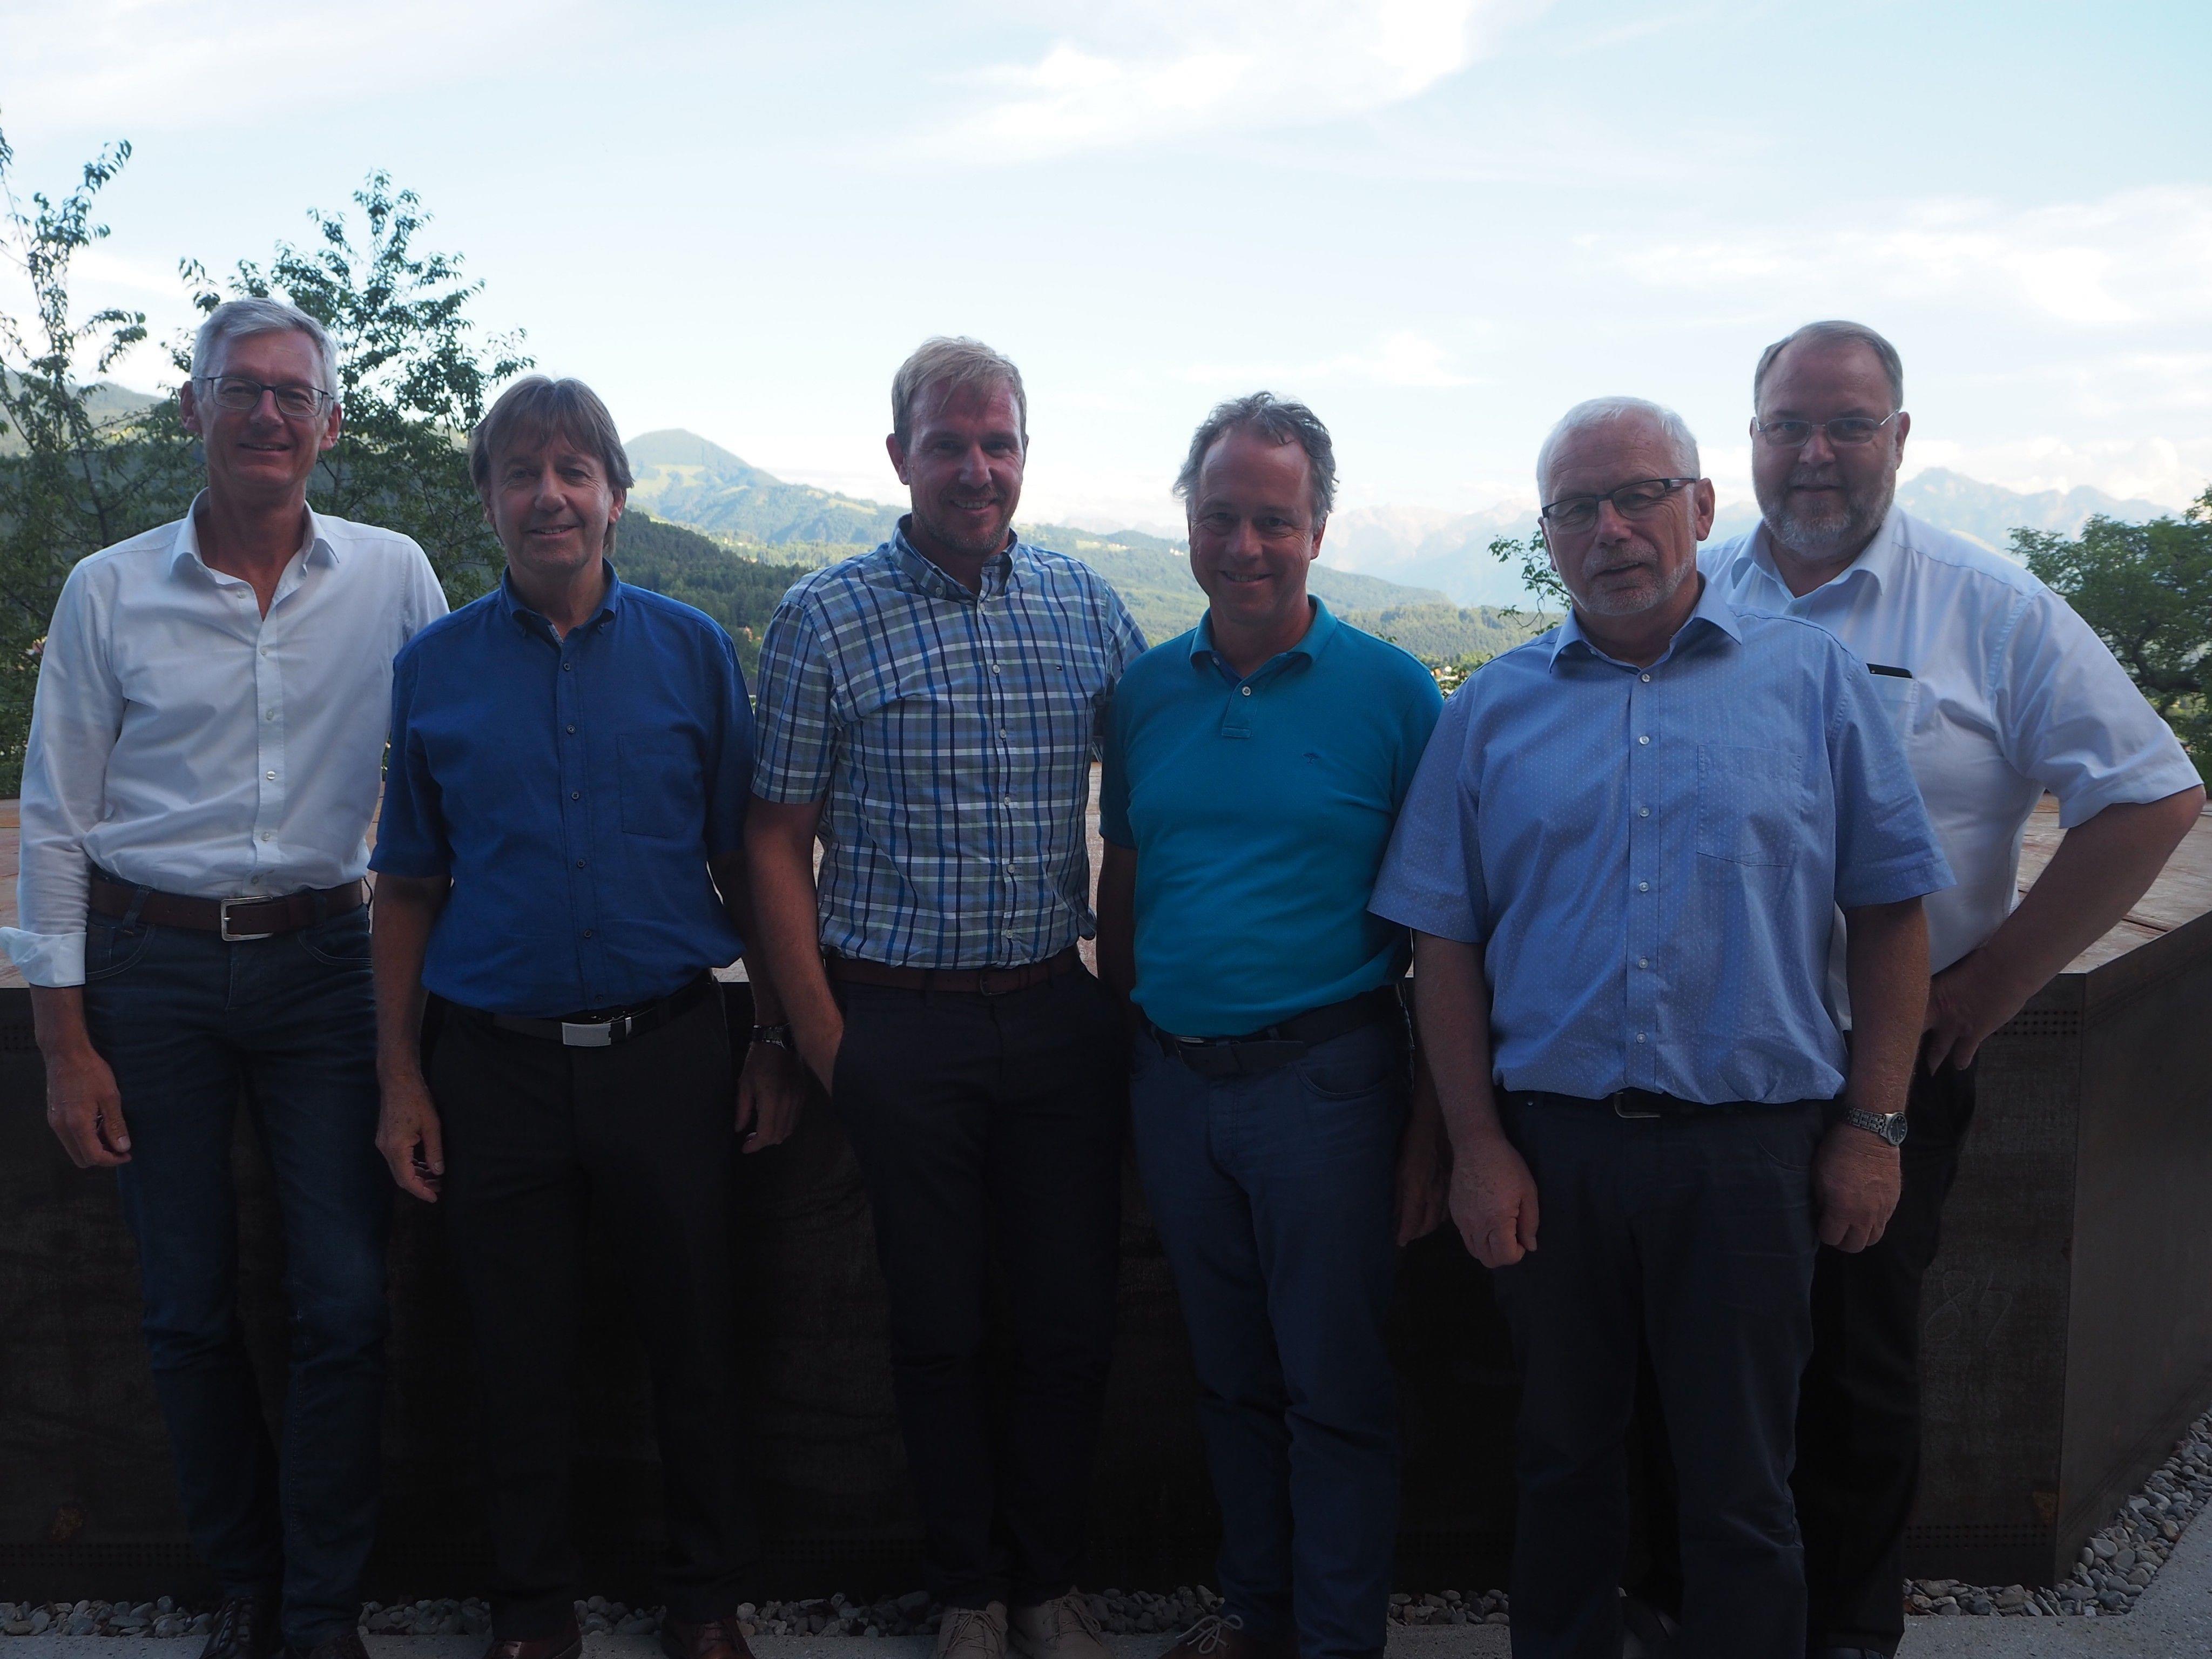 Erich Fritsch, Fritz Maierhofer, Daniel Gross, Roman Kopf, Dietmar Summer, Werner Müller.